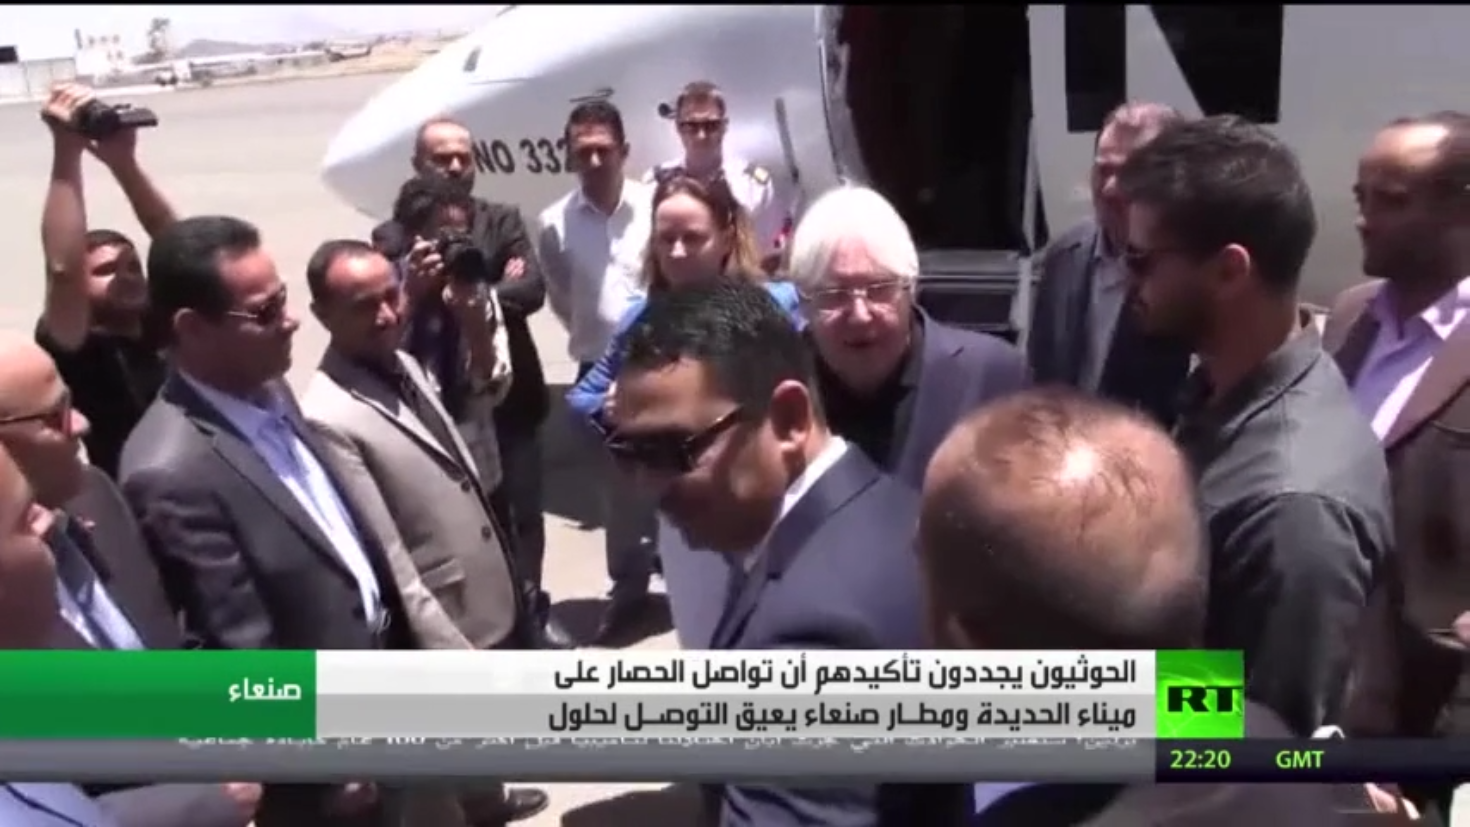 غريفيث: لا تزال هناك إمكانية لحل نزاع اليمن